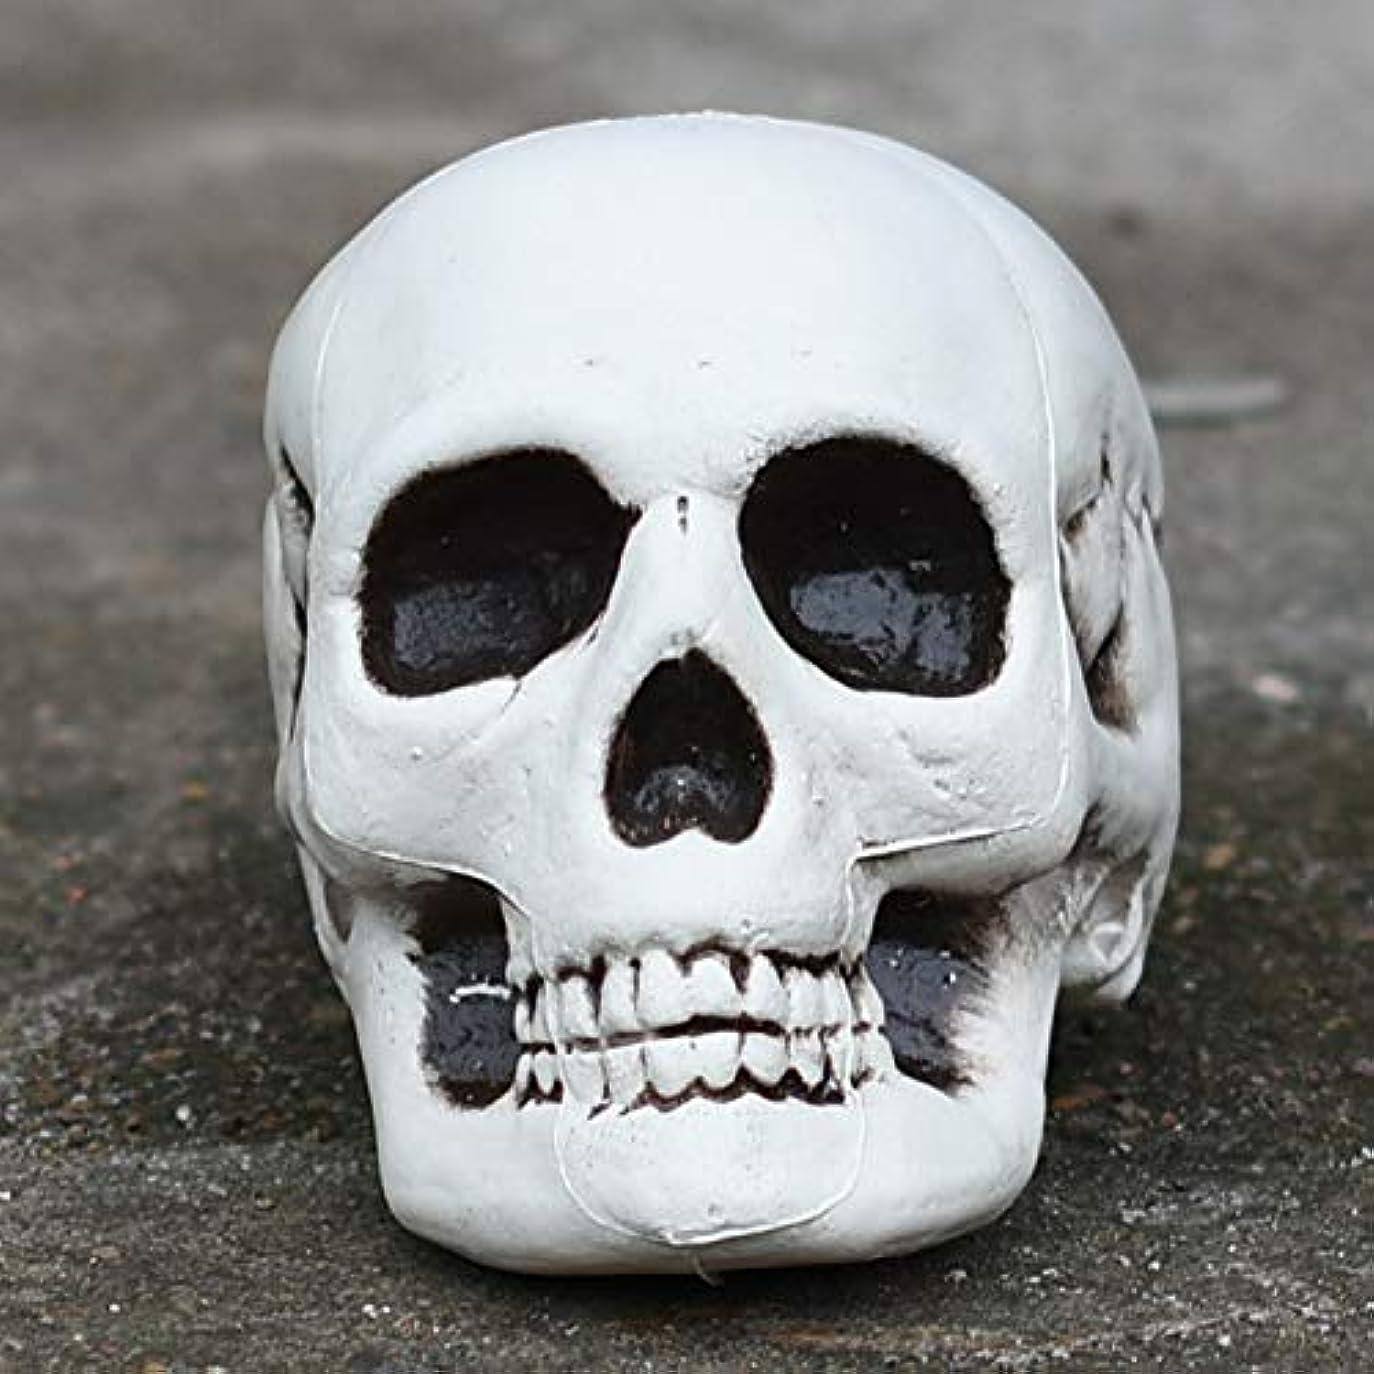 目立つチキンリンスETRRUU HOME デッドトゥースハロウィン小道具バーお化け屋敷秘密の部屋スカル装飾品シミュレーション骨モデル